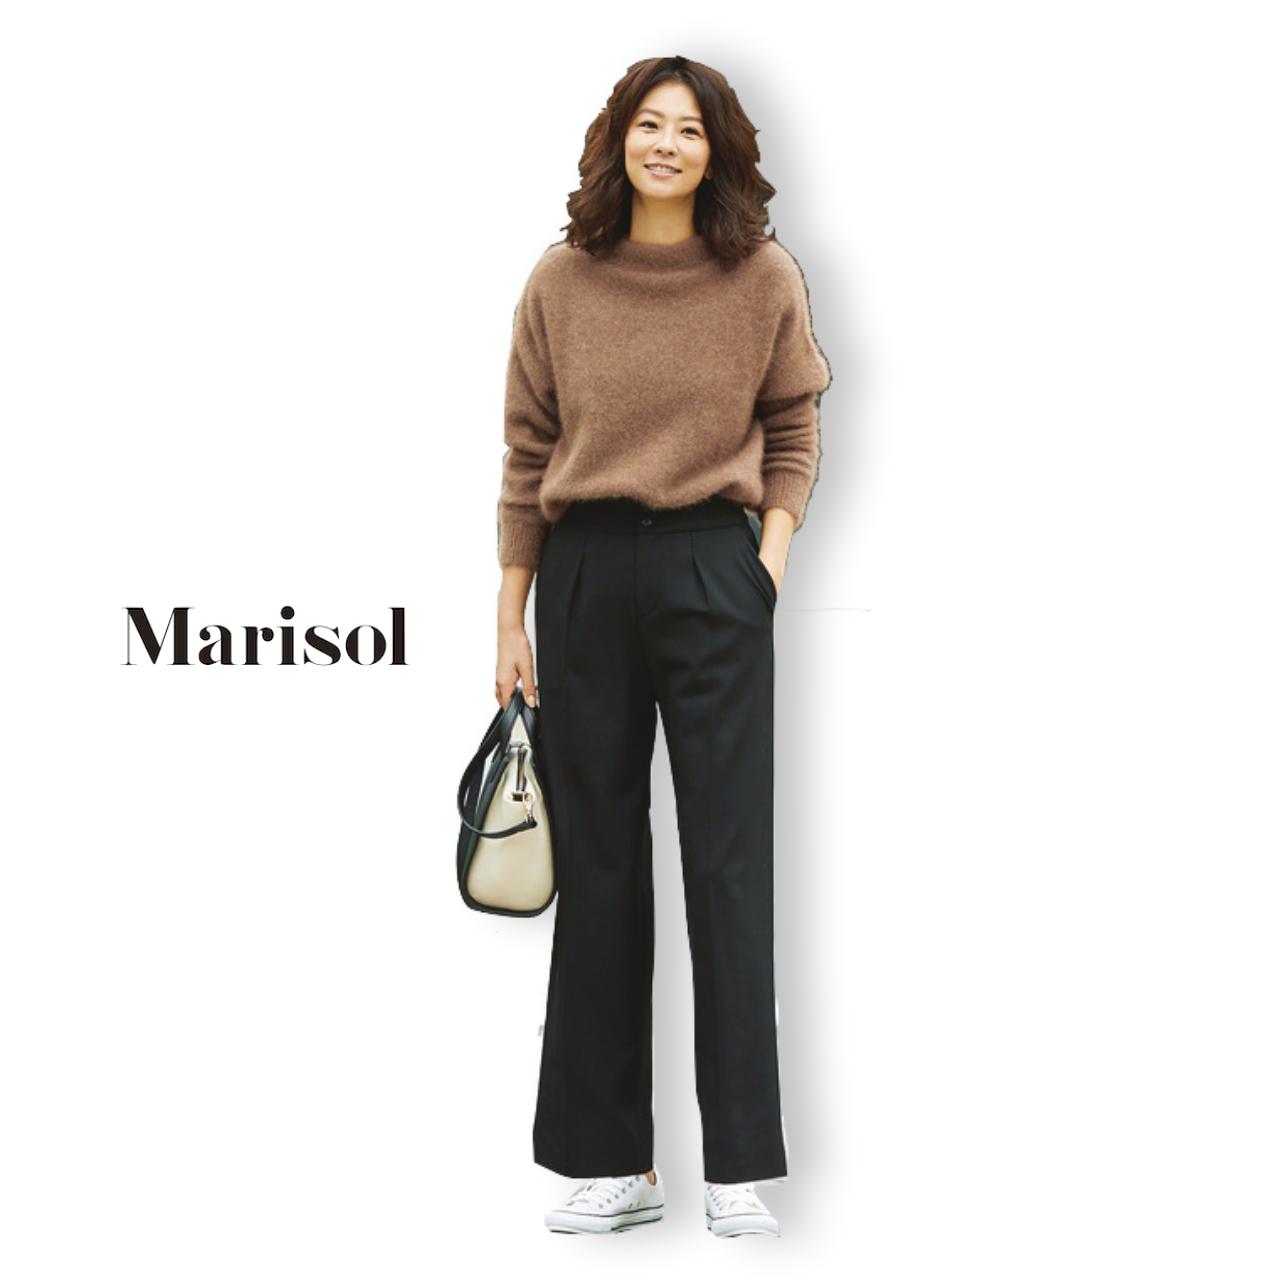 40代ファッション モヘアニット×黒パンツコーデ